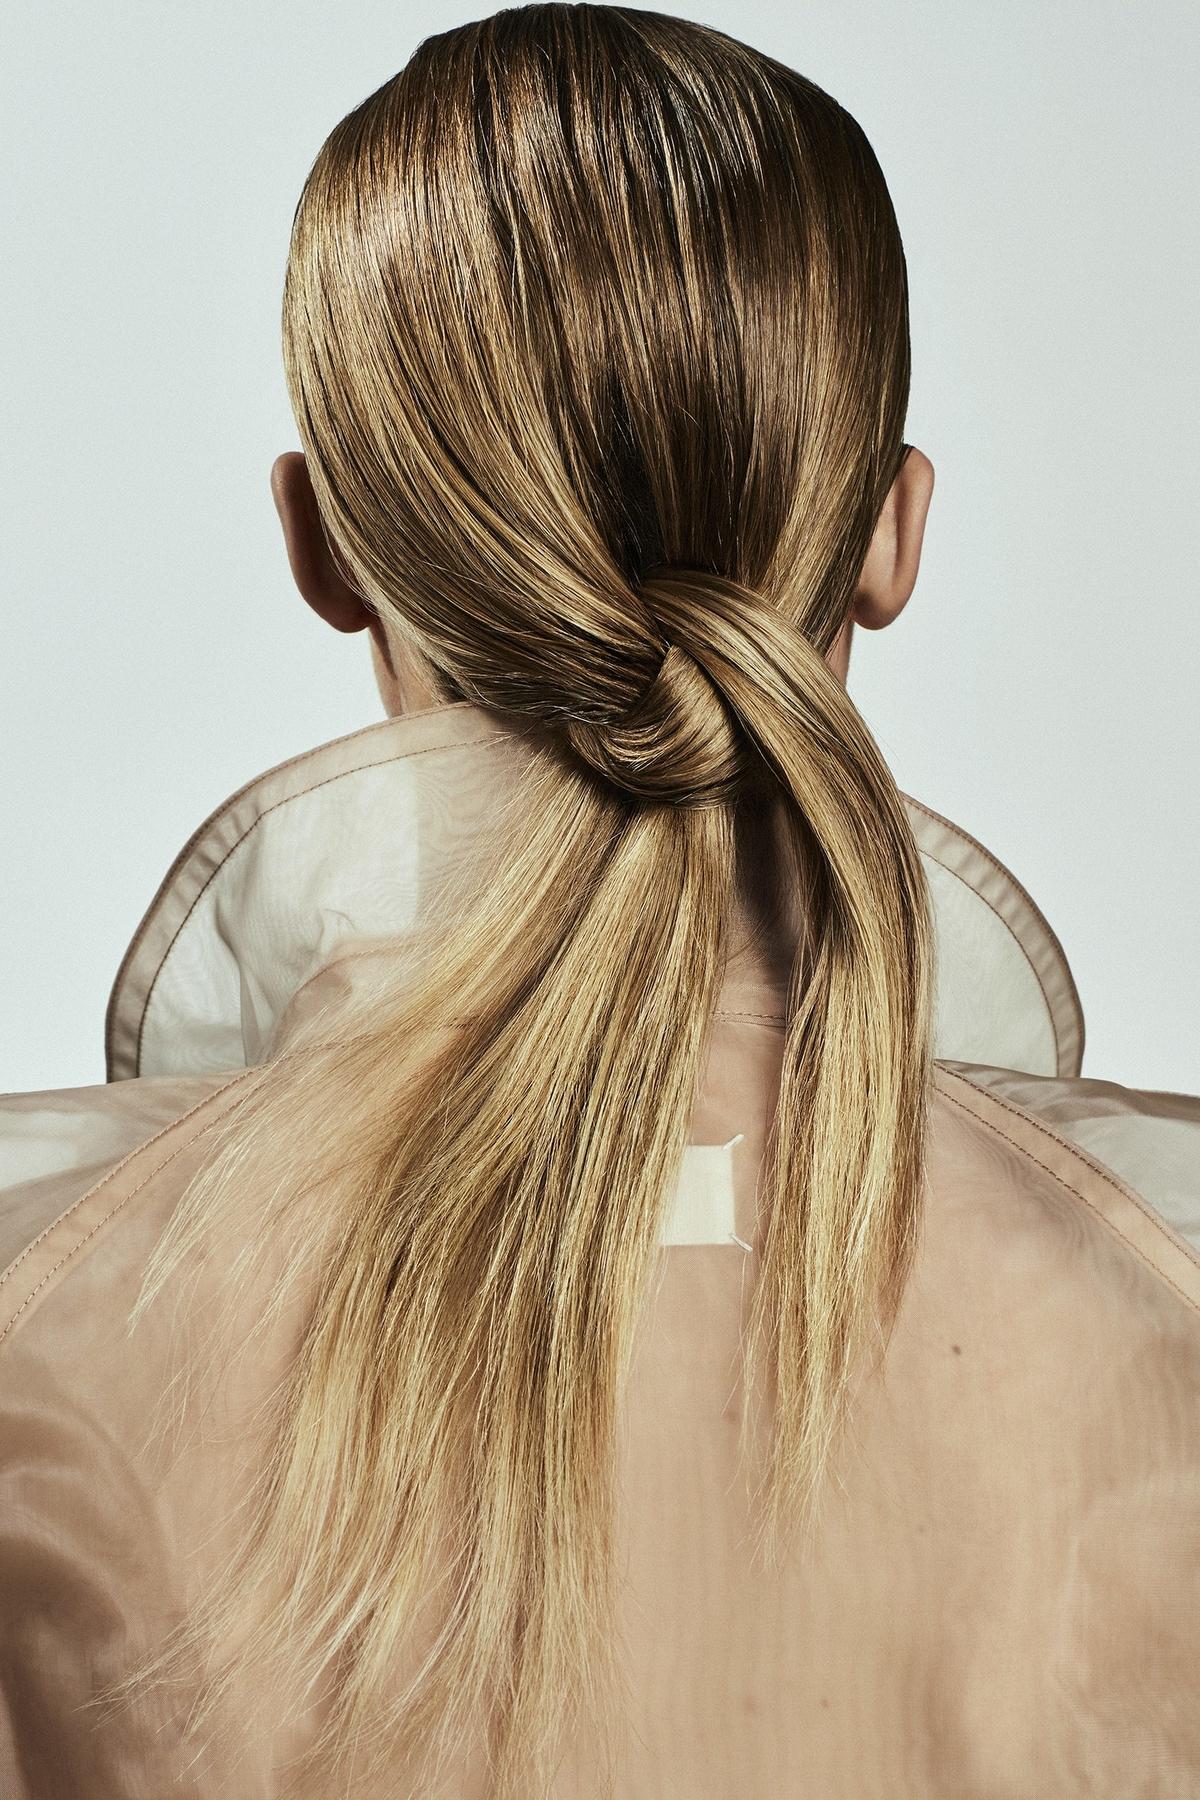 Code promo Vogue : 3 soins des cheveux au salon La Biosthetique à Paris à gagner